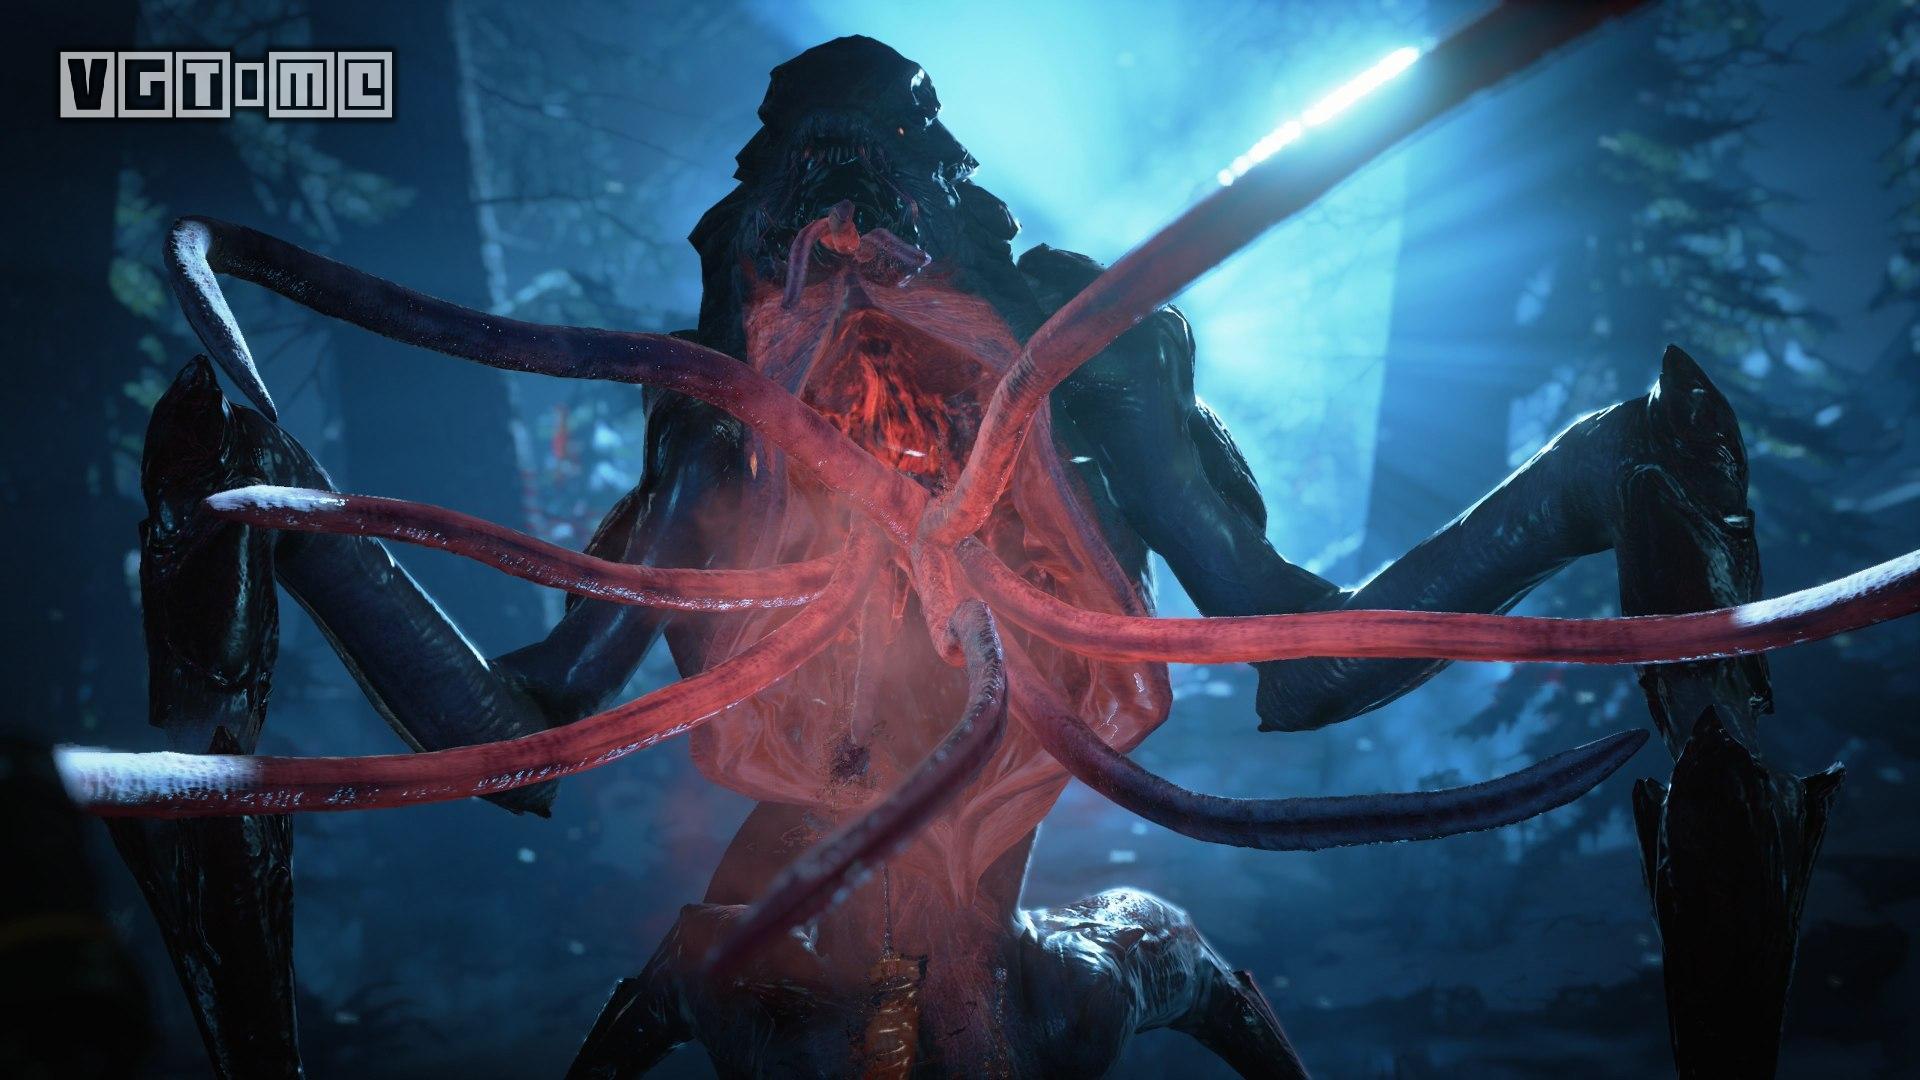 《战争机器5》「逃脱」模式体验:手撕怪物+生死时速